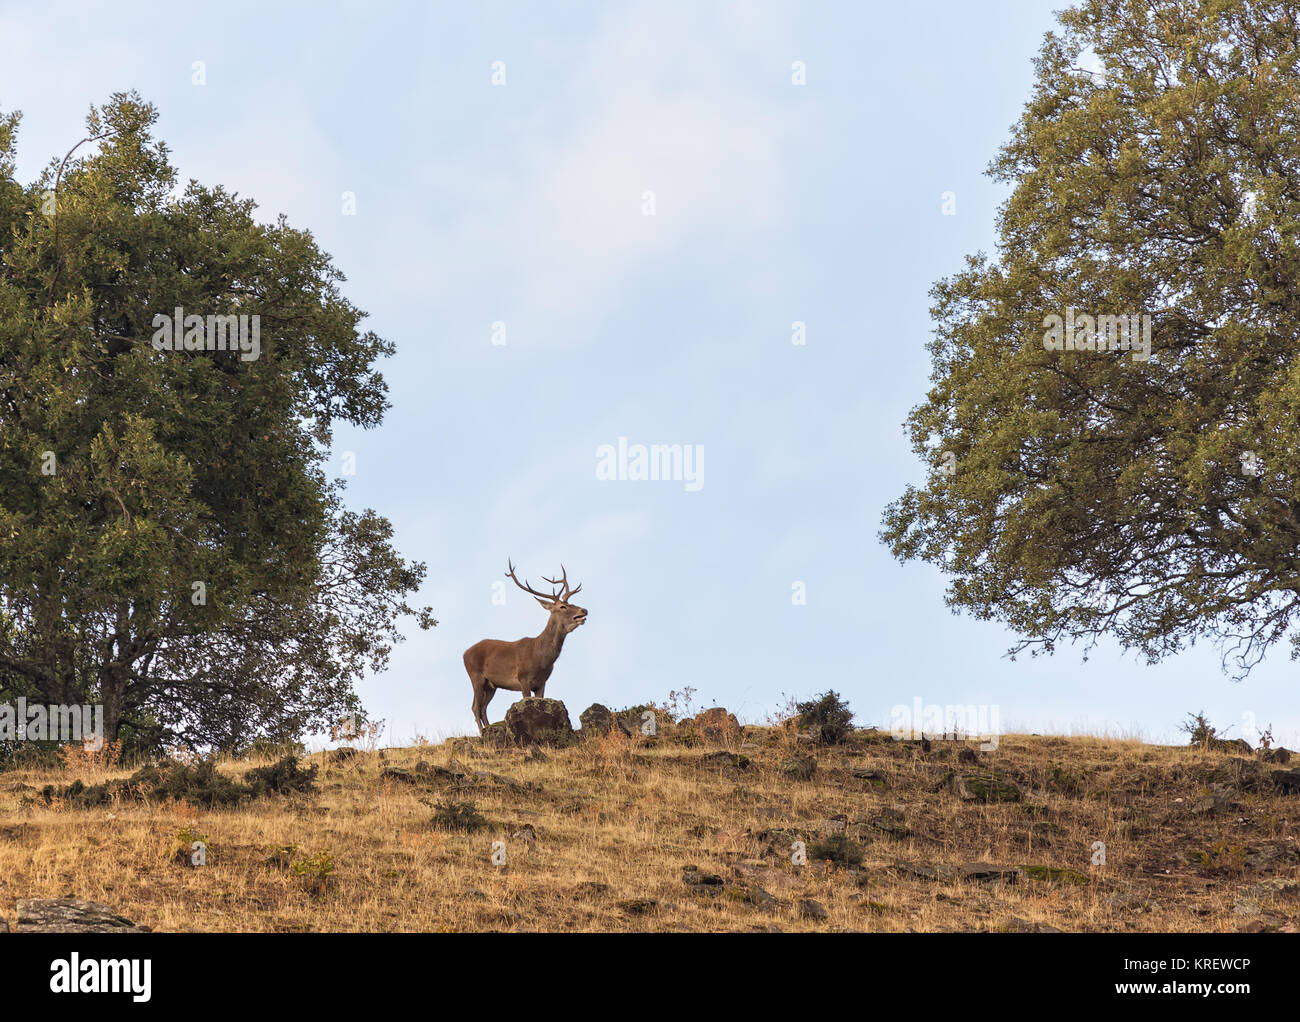 Deer gritando, llamando a las hembras en la época de apareamiento. Fotografiado en el Parque Nacional de Monfragüe. Imagen De Stock